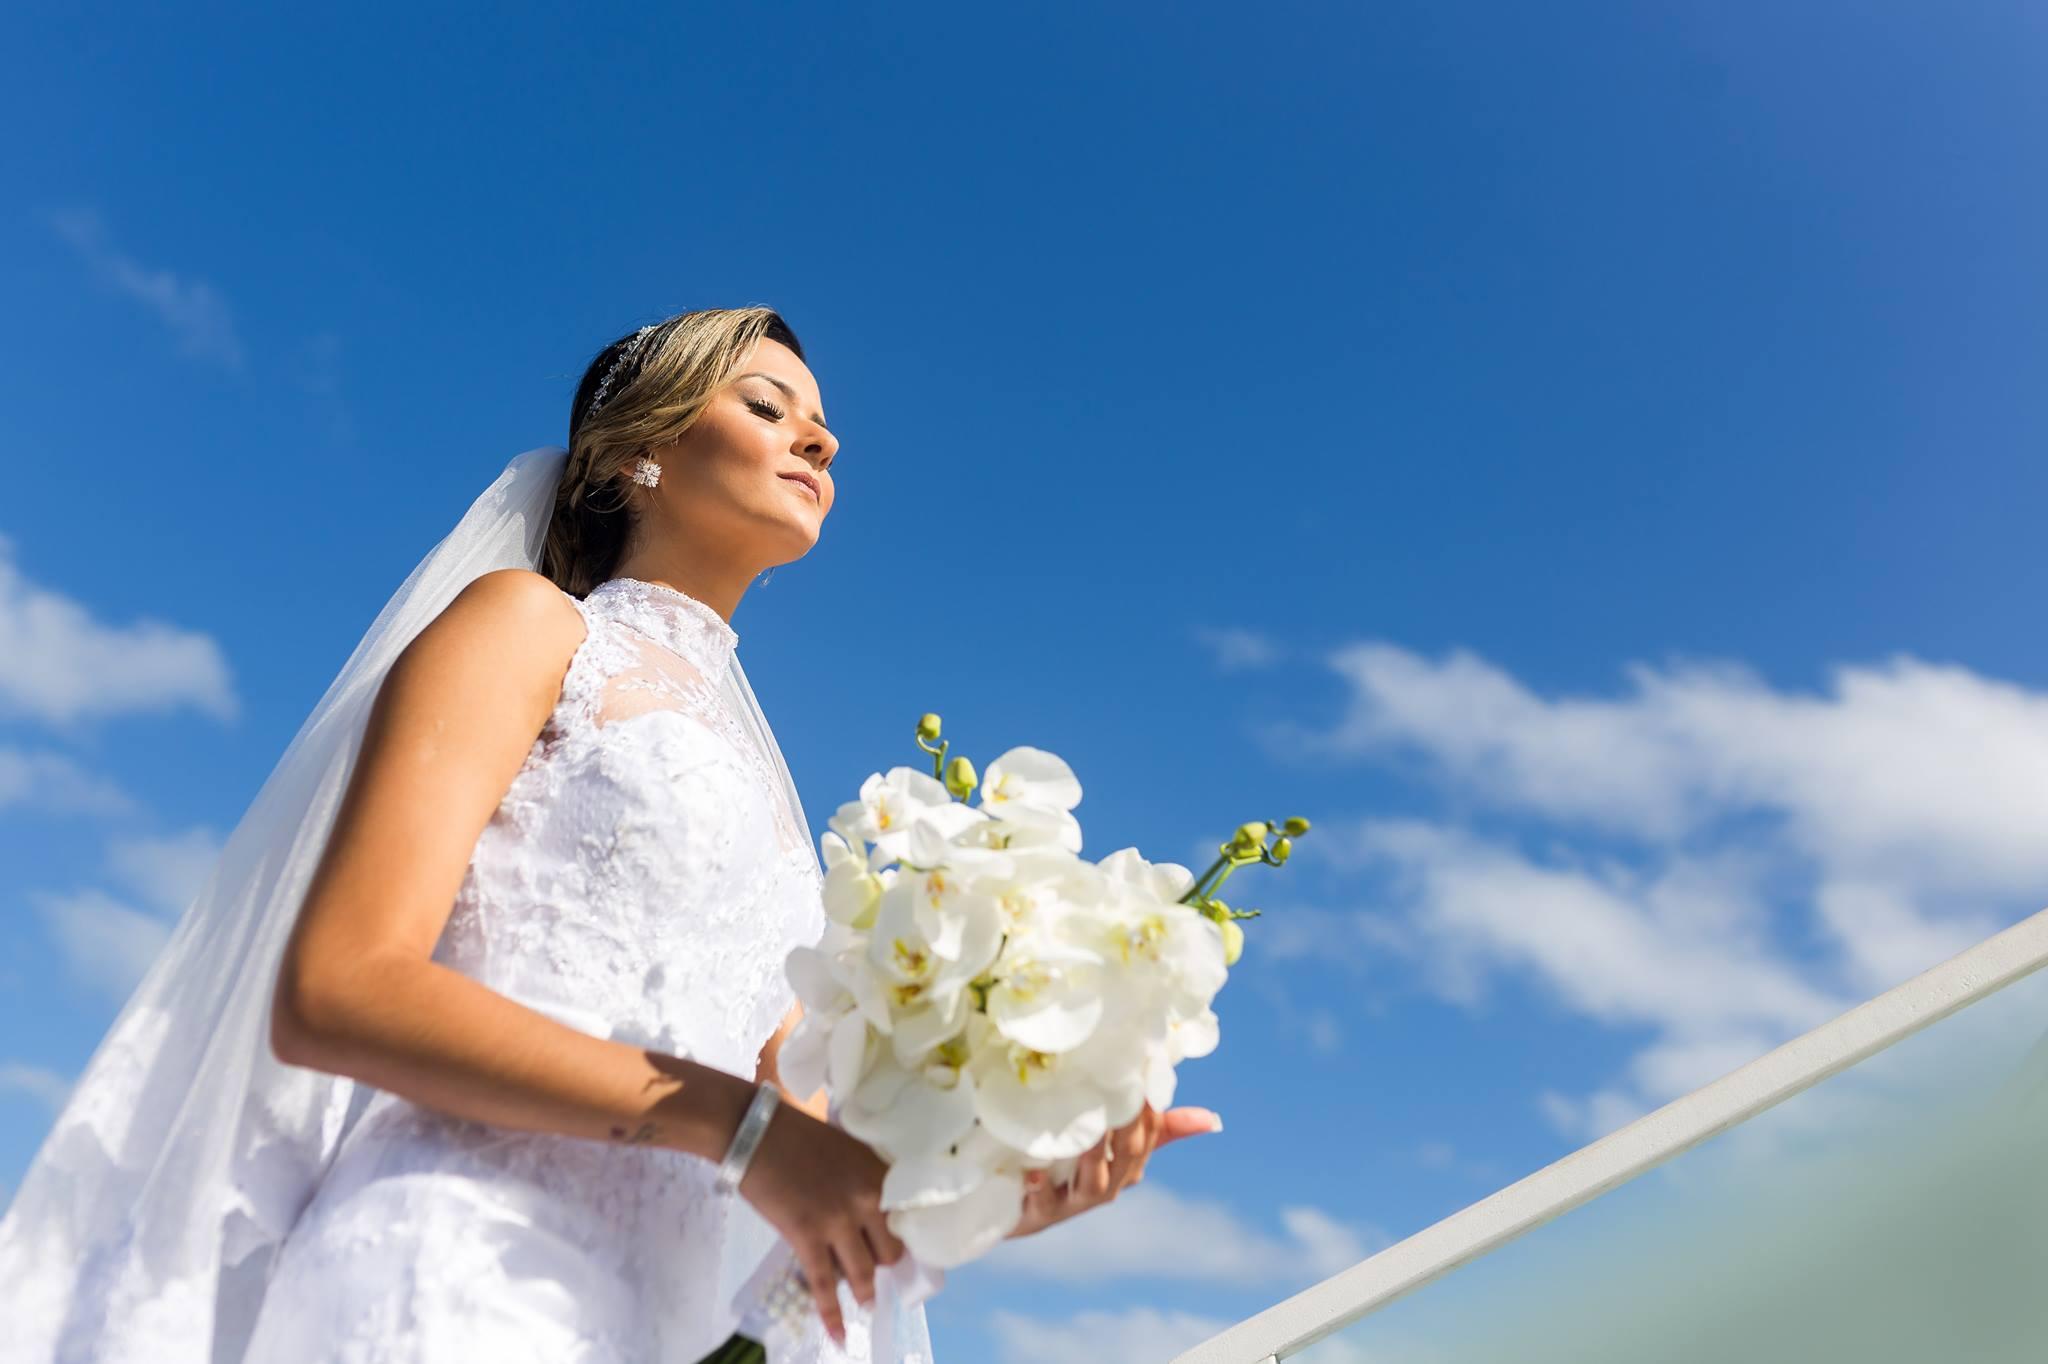 camyla-e-luiz_Vestido-de-noiva_fotografos-Casamento-RJ-Blog-IvanaBeaumond (20)